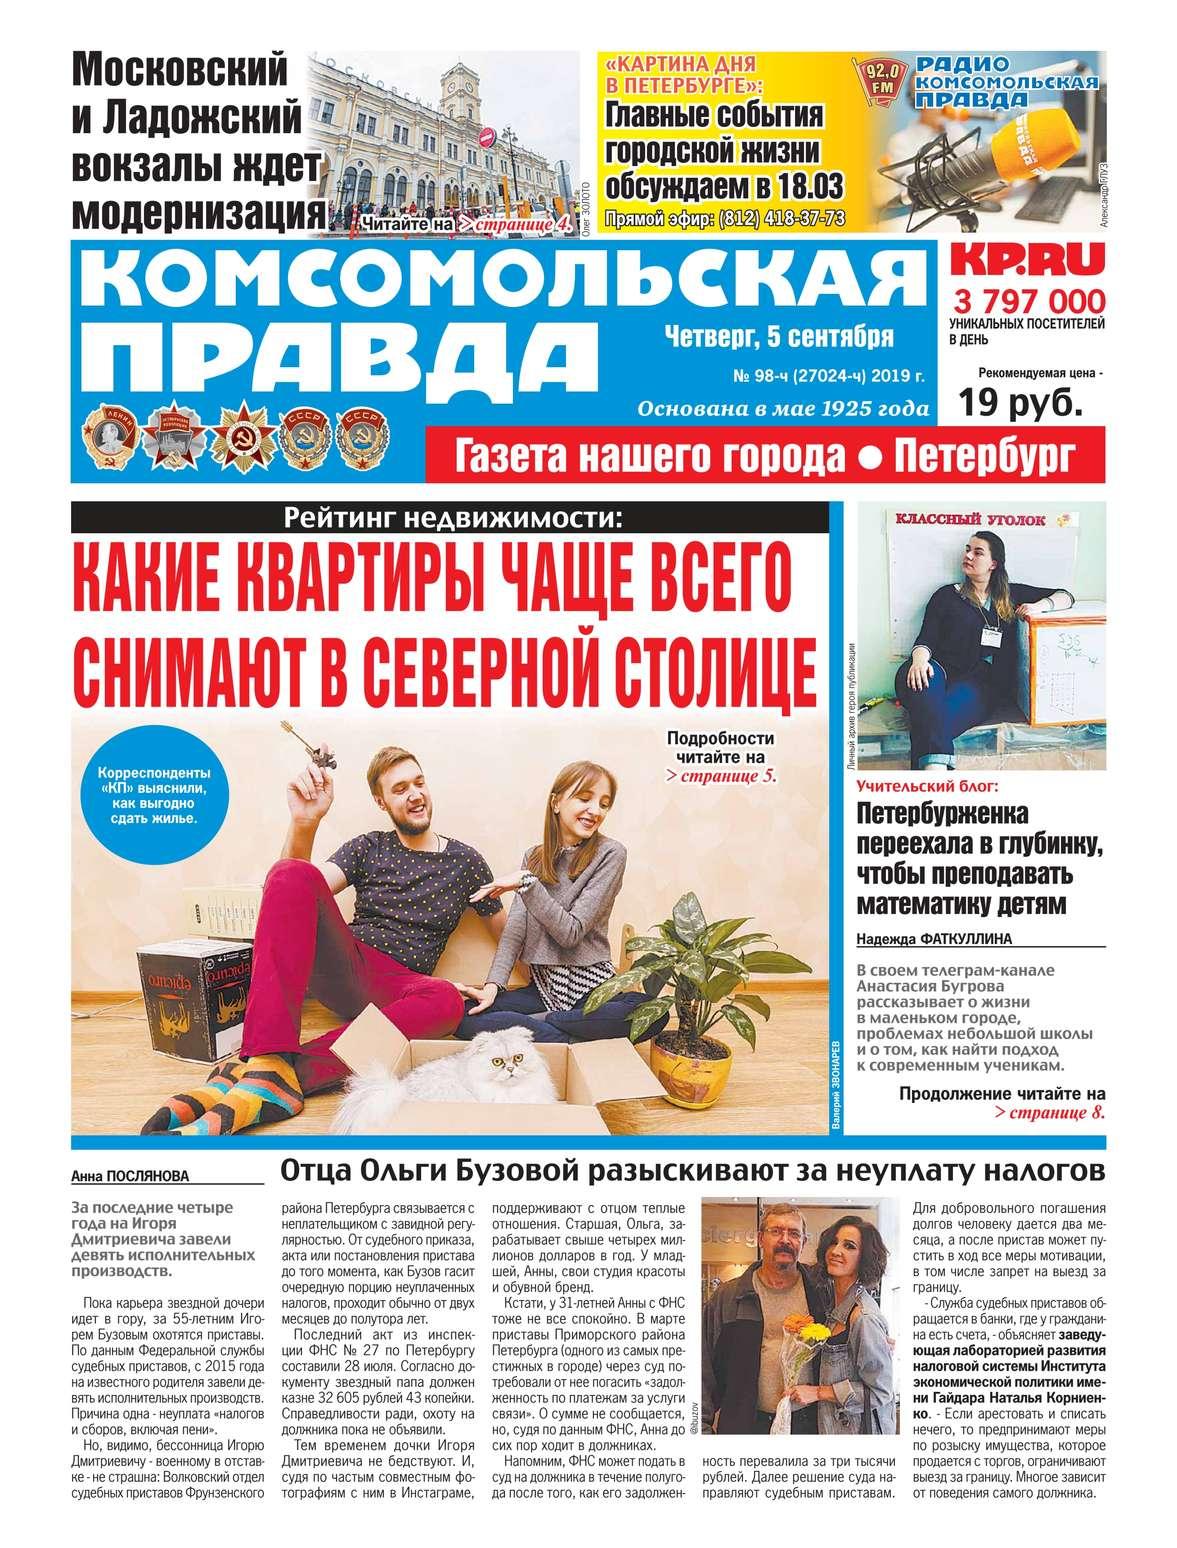 Редакция газеты Комсомольская Правда. Санкт-Петербург 98ч-2019